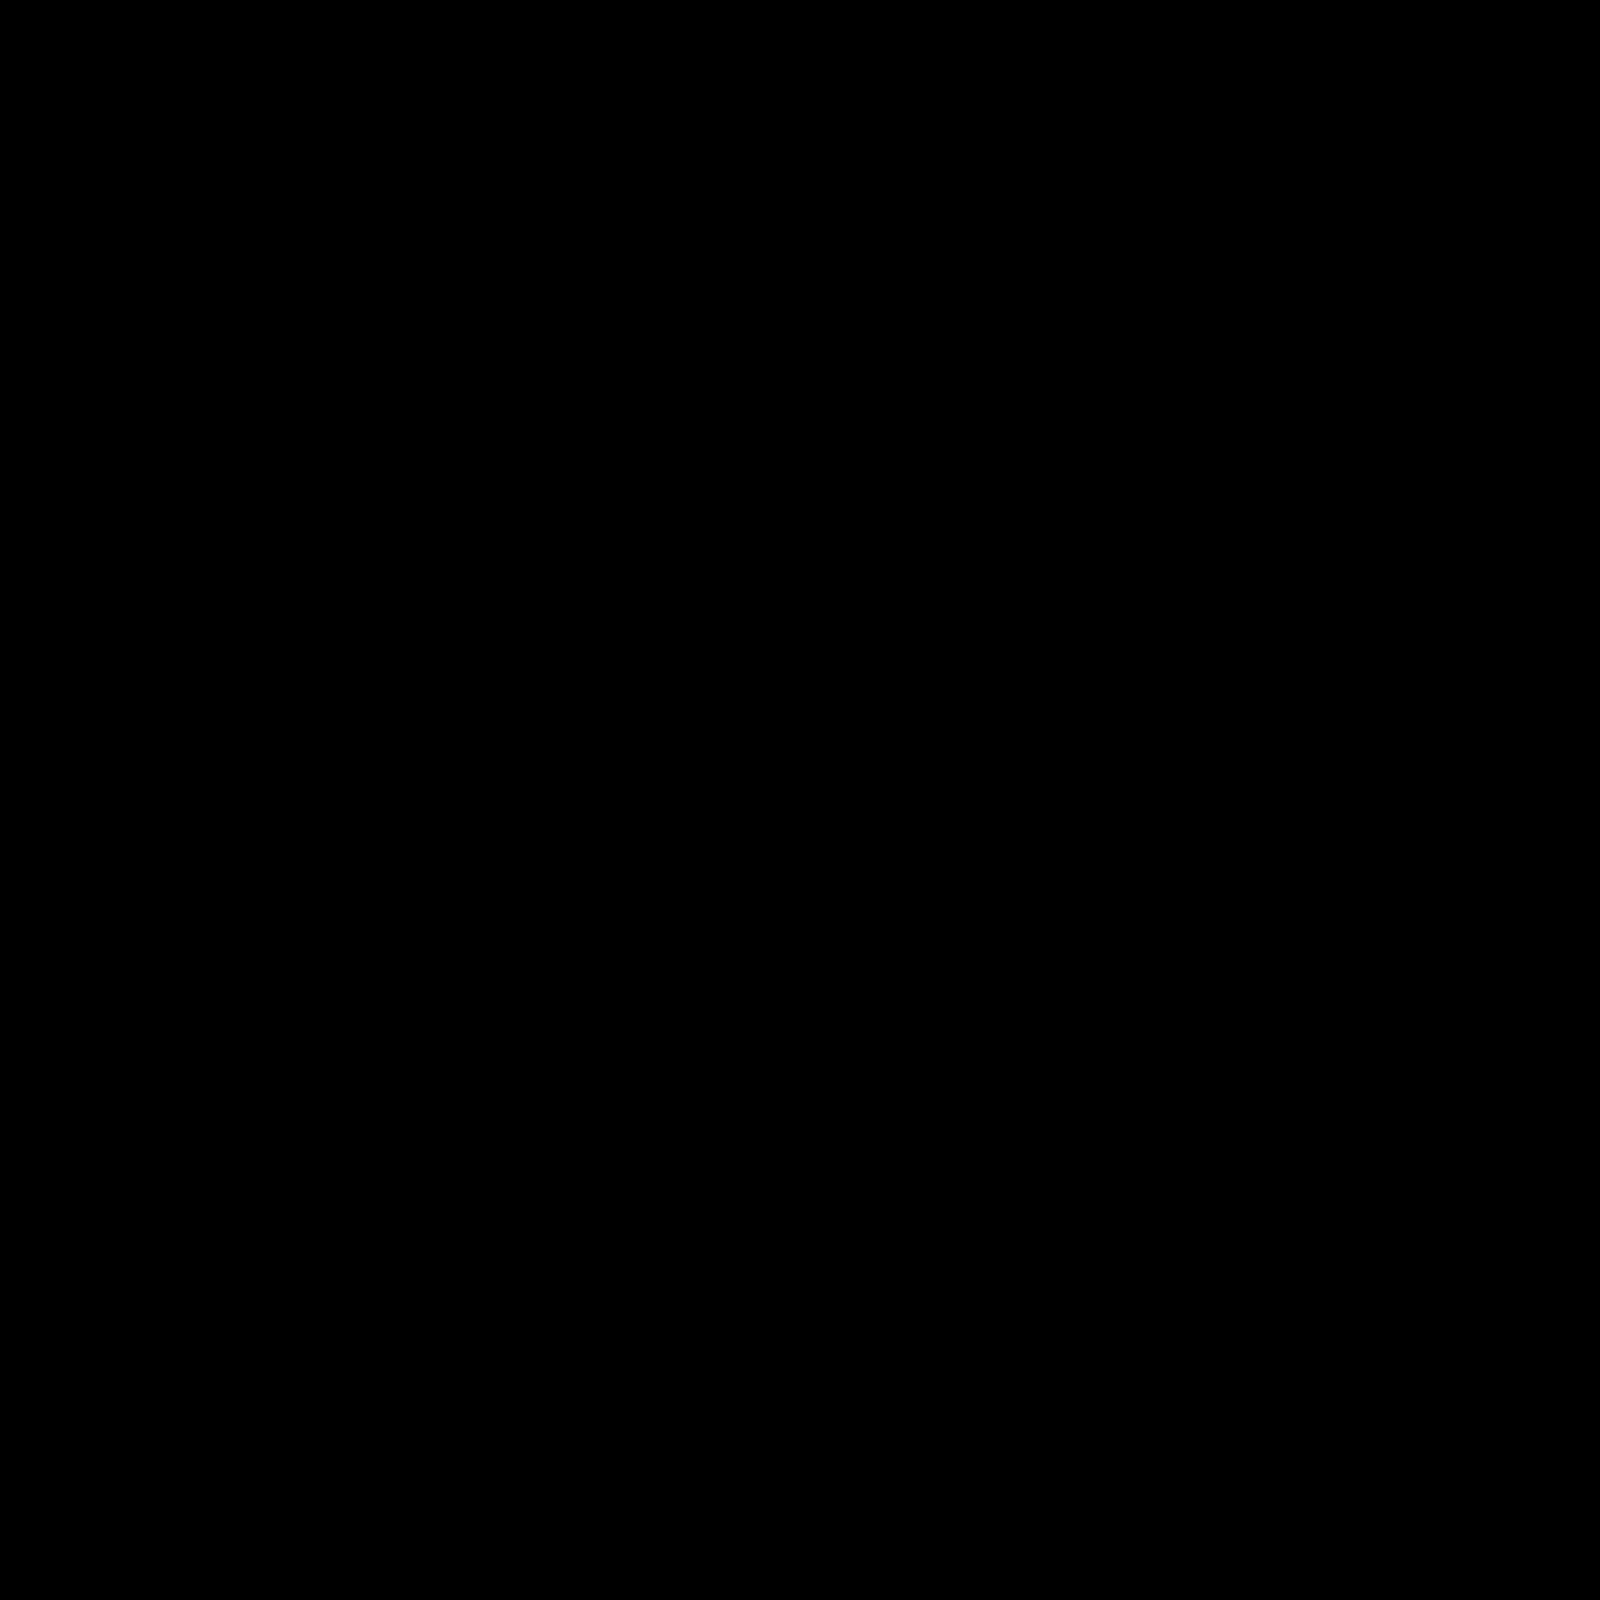 柑橘類 icon. This image is made to look like a lemon or other citrus fruit cut in half between the 2 ends. It is the right half. It shows 6 segments inside the peel.